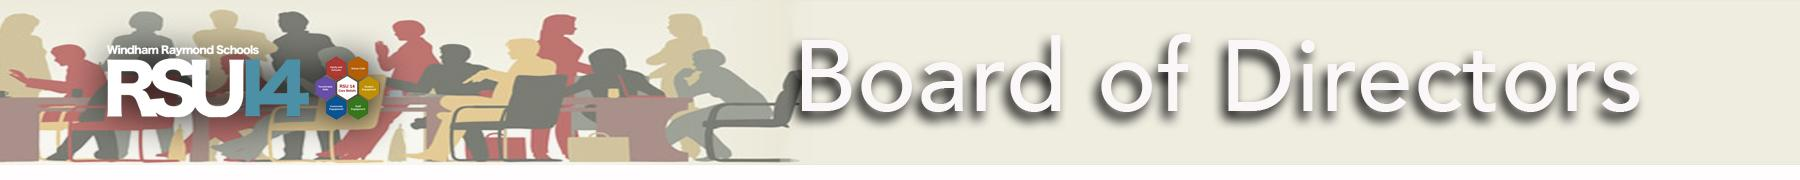 Directors Banner